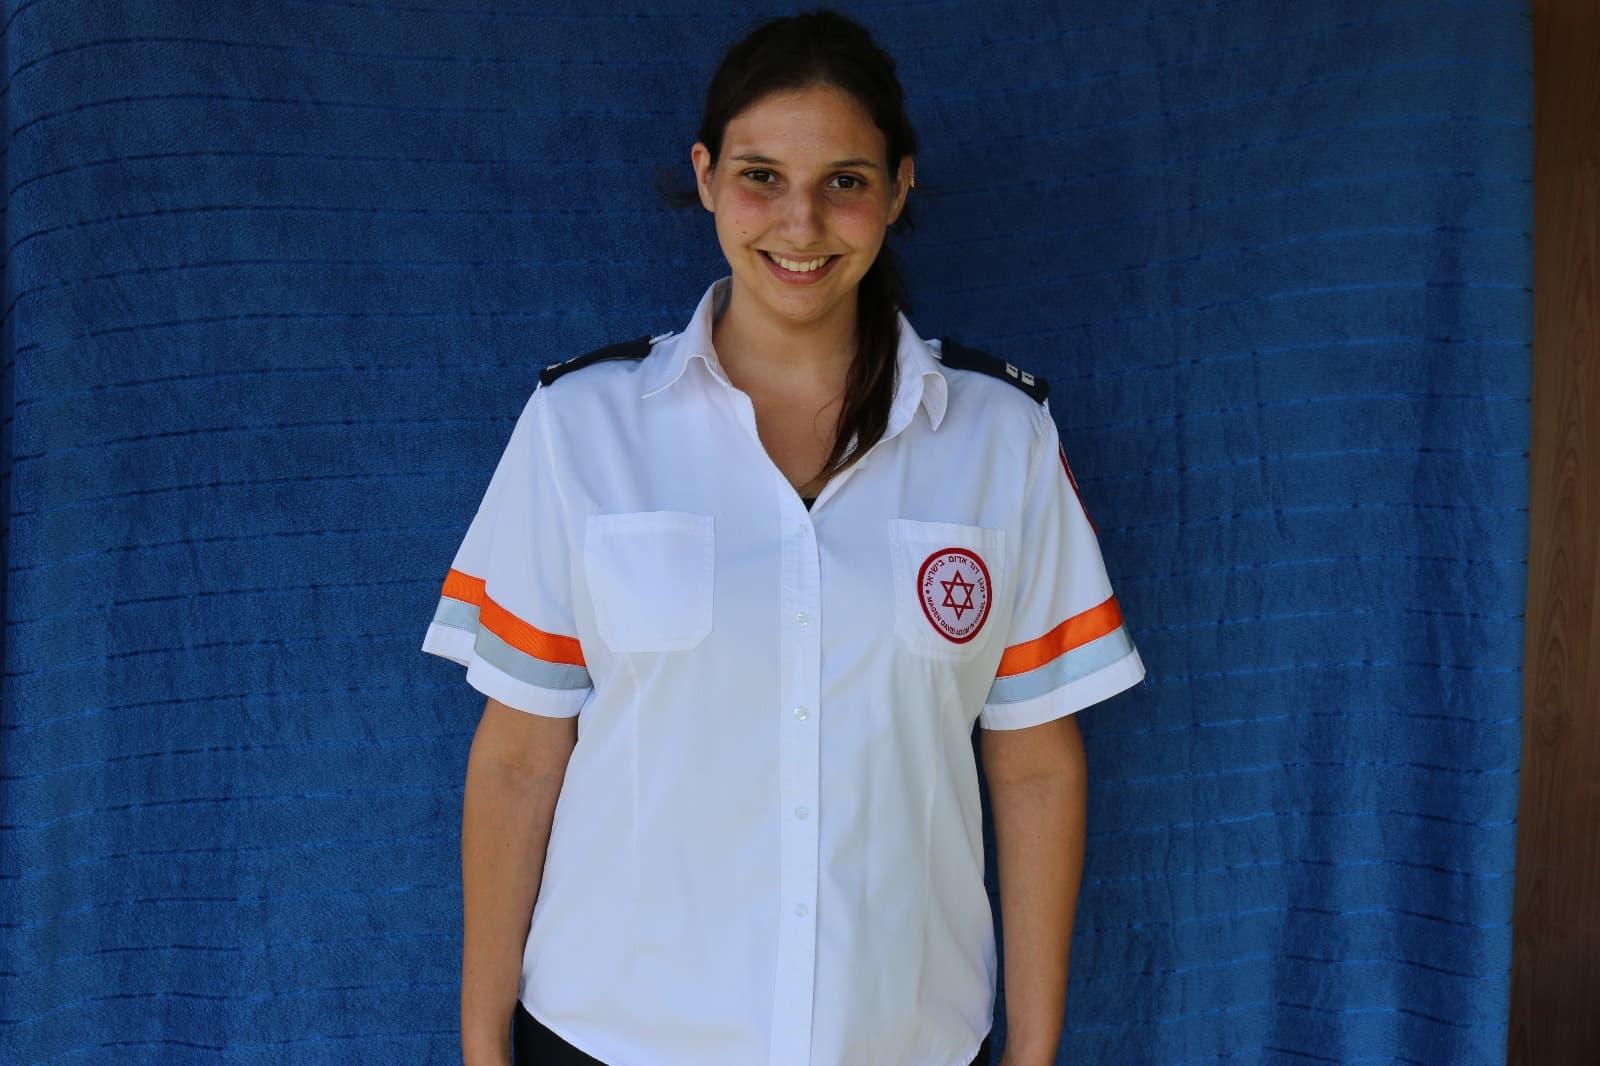 """פאראמדיקית מד""""א טל רבין הצטרפה למשלחת הסיוע שיצאה לגואטמלה בעקבות התפרצות הר הגעש 'פואגו'"""